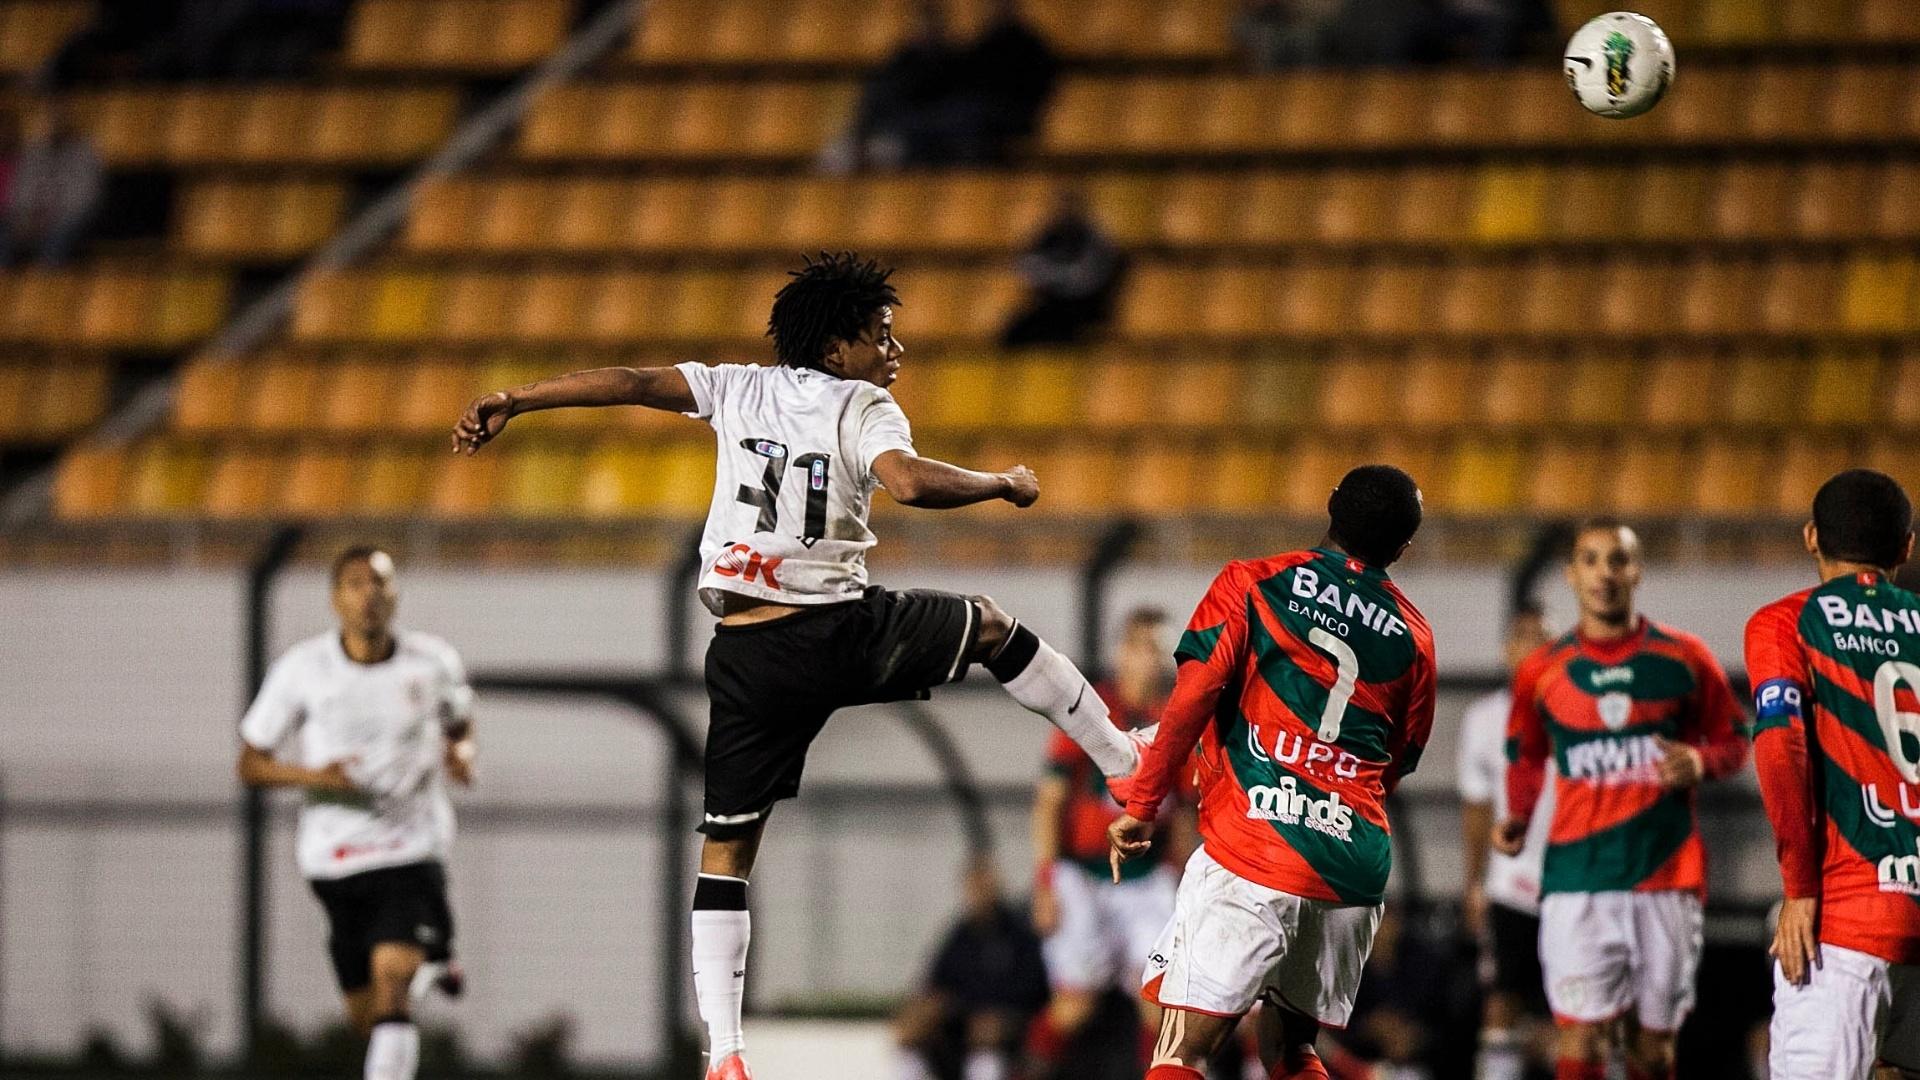 Atacante corintiano Romarinho (e) cabeceia no empate contra a Portuguesa por 1 a 1